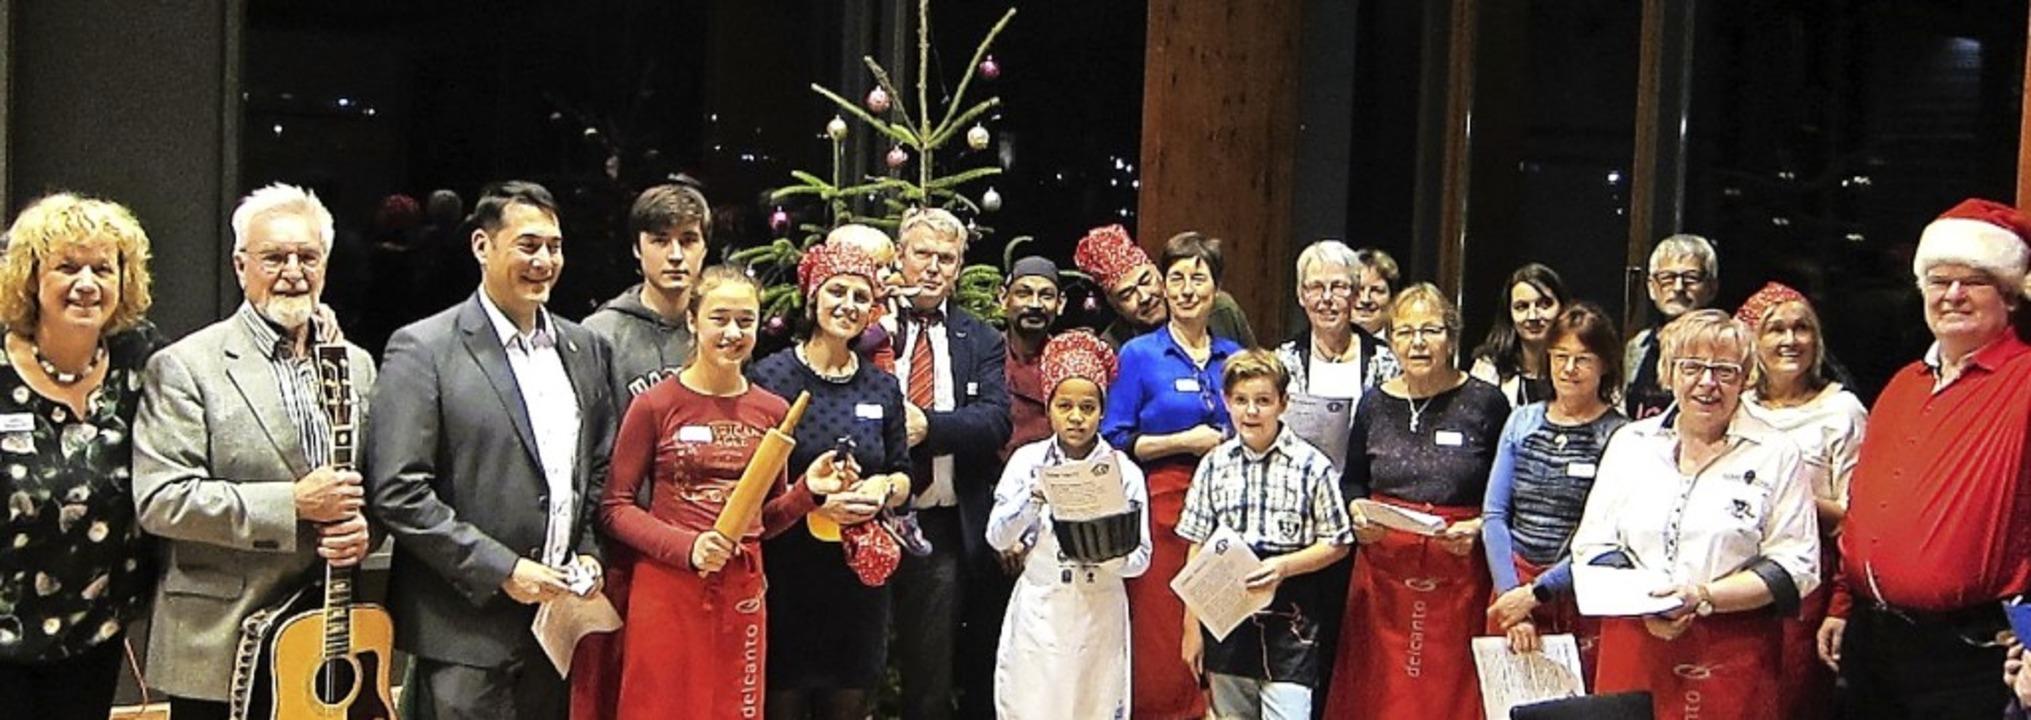 Gäste, Helfer und Bürgermeister sangen vorm Weihnachtsbaum gemeinsam Lieder.     Foto: Privat